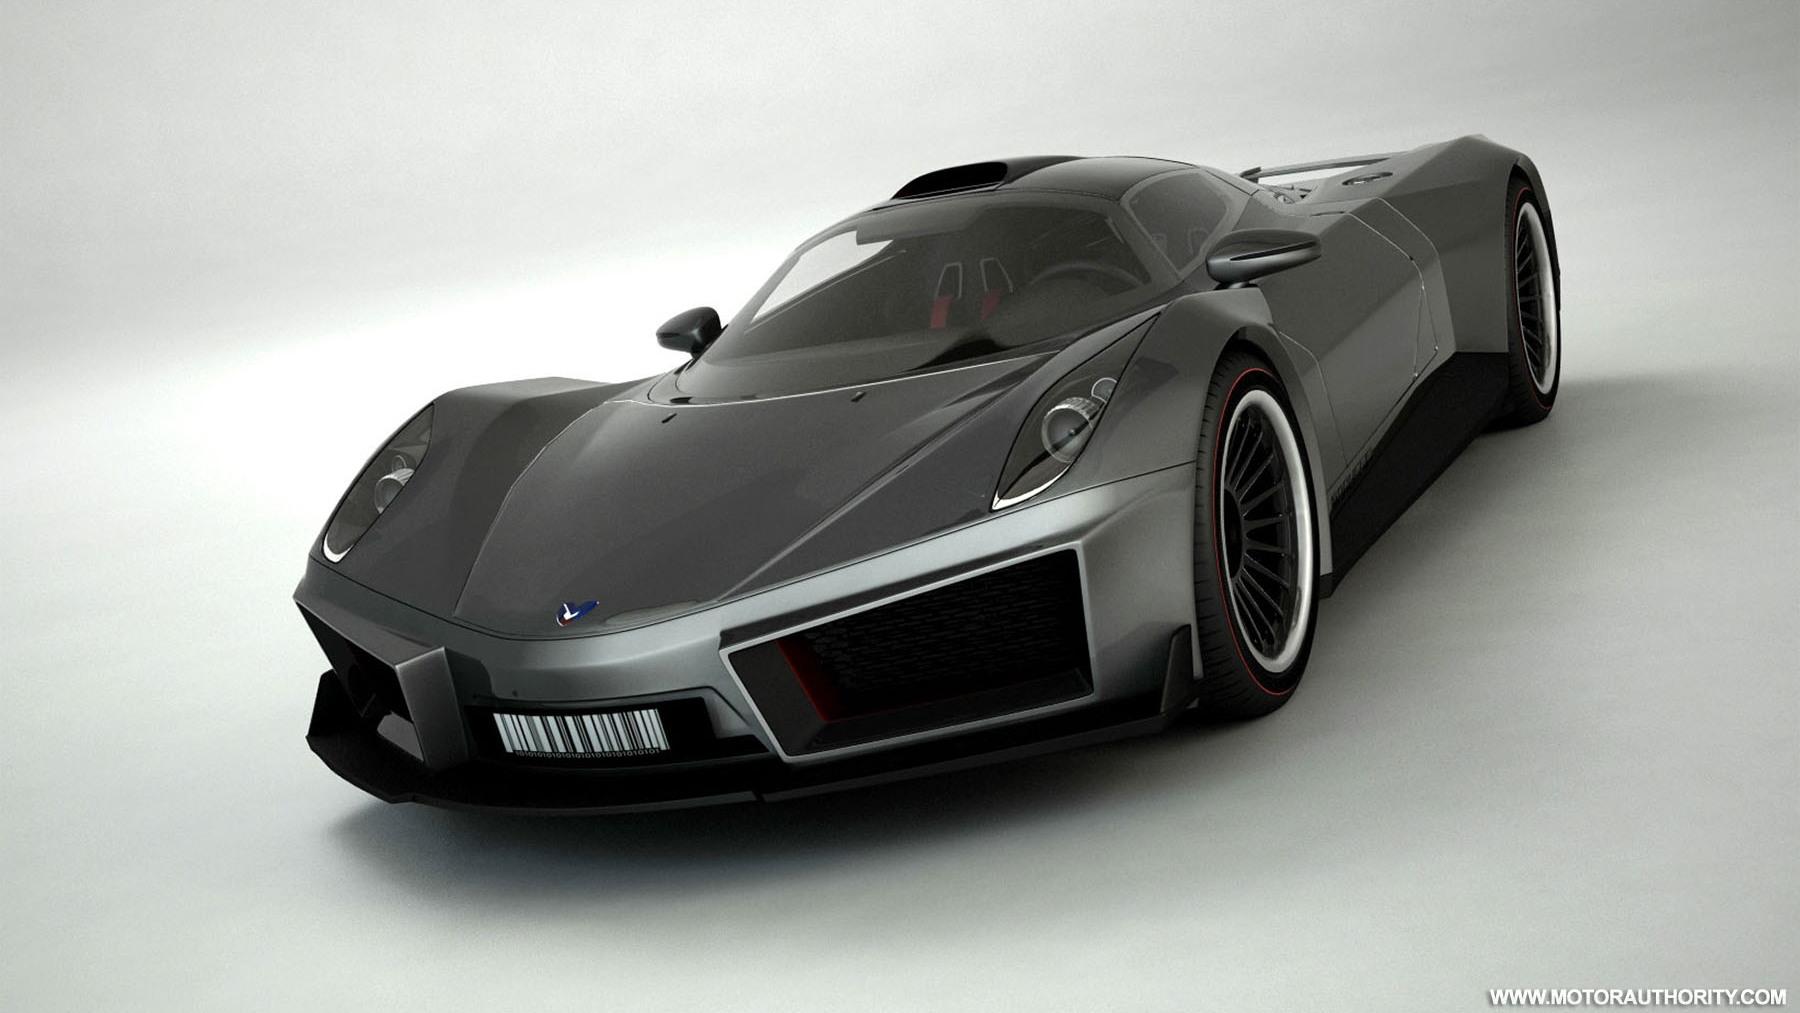 krasnov igor muska supercar concept rendering 004